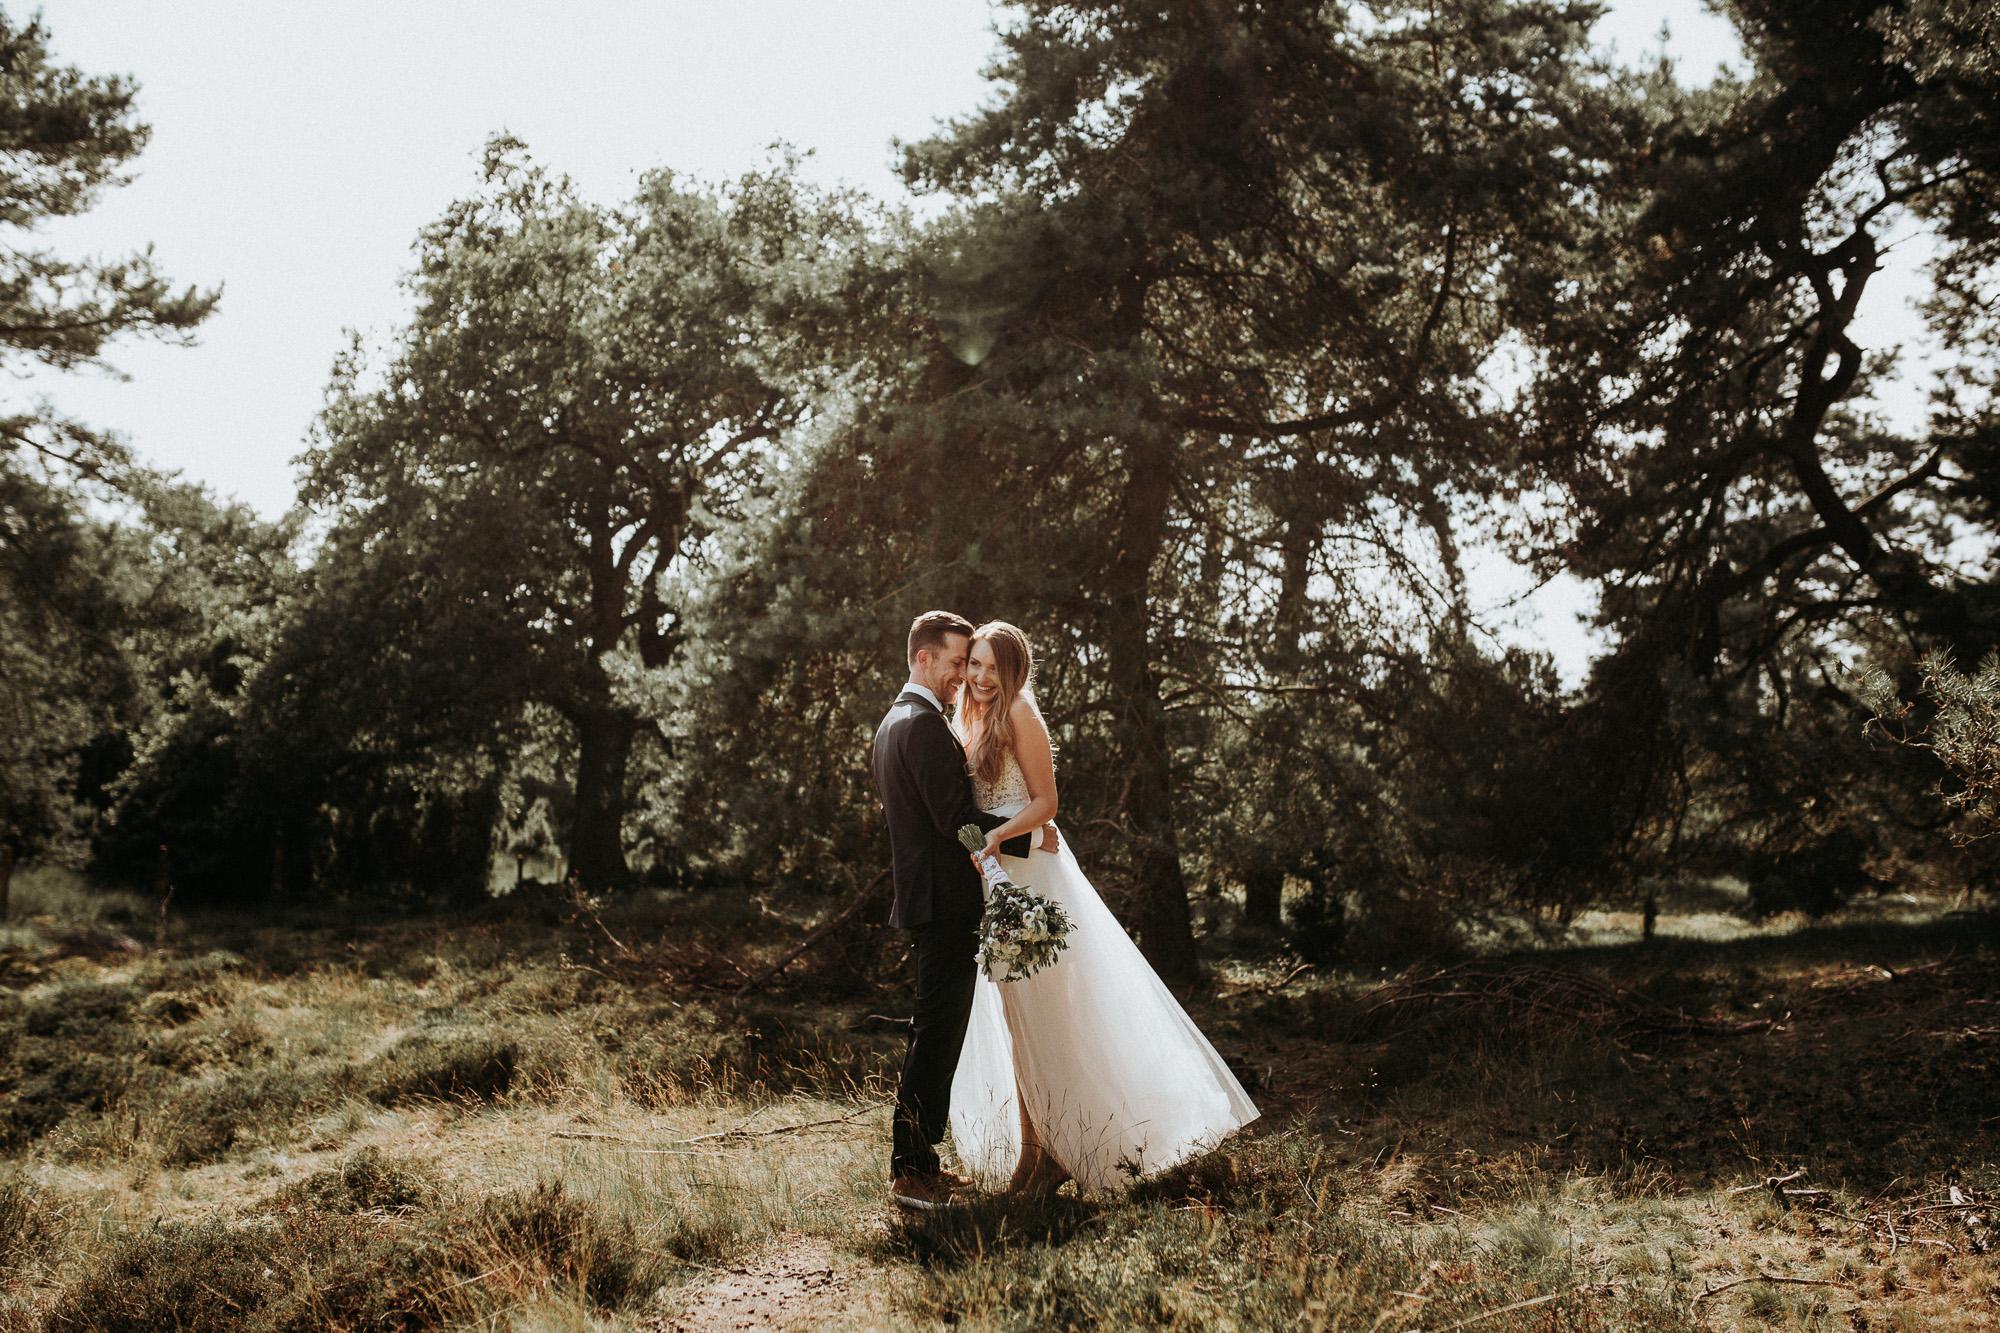 Hochzeitsfotograf_Dinslaken_Hanna_Marc54